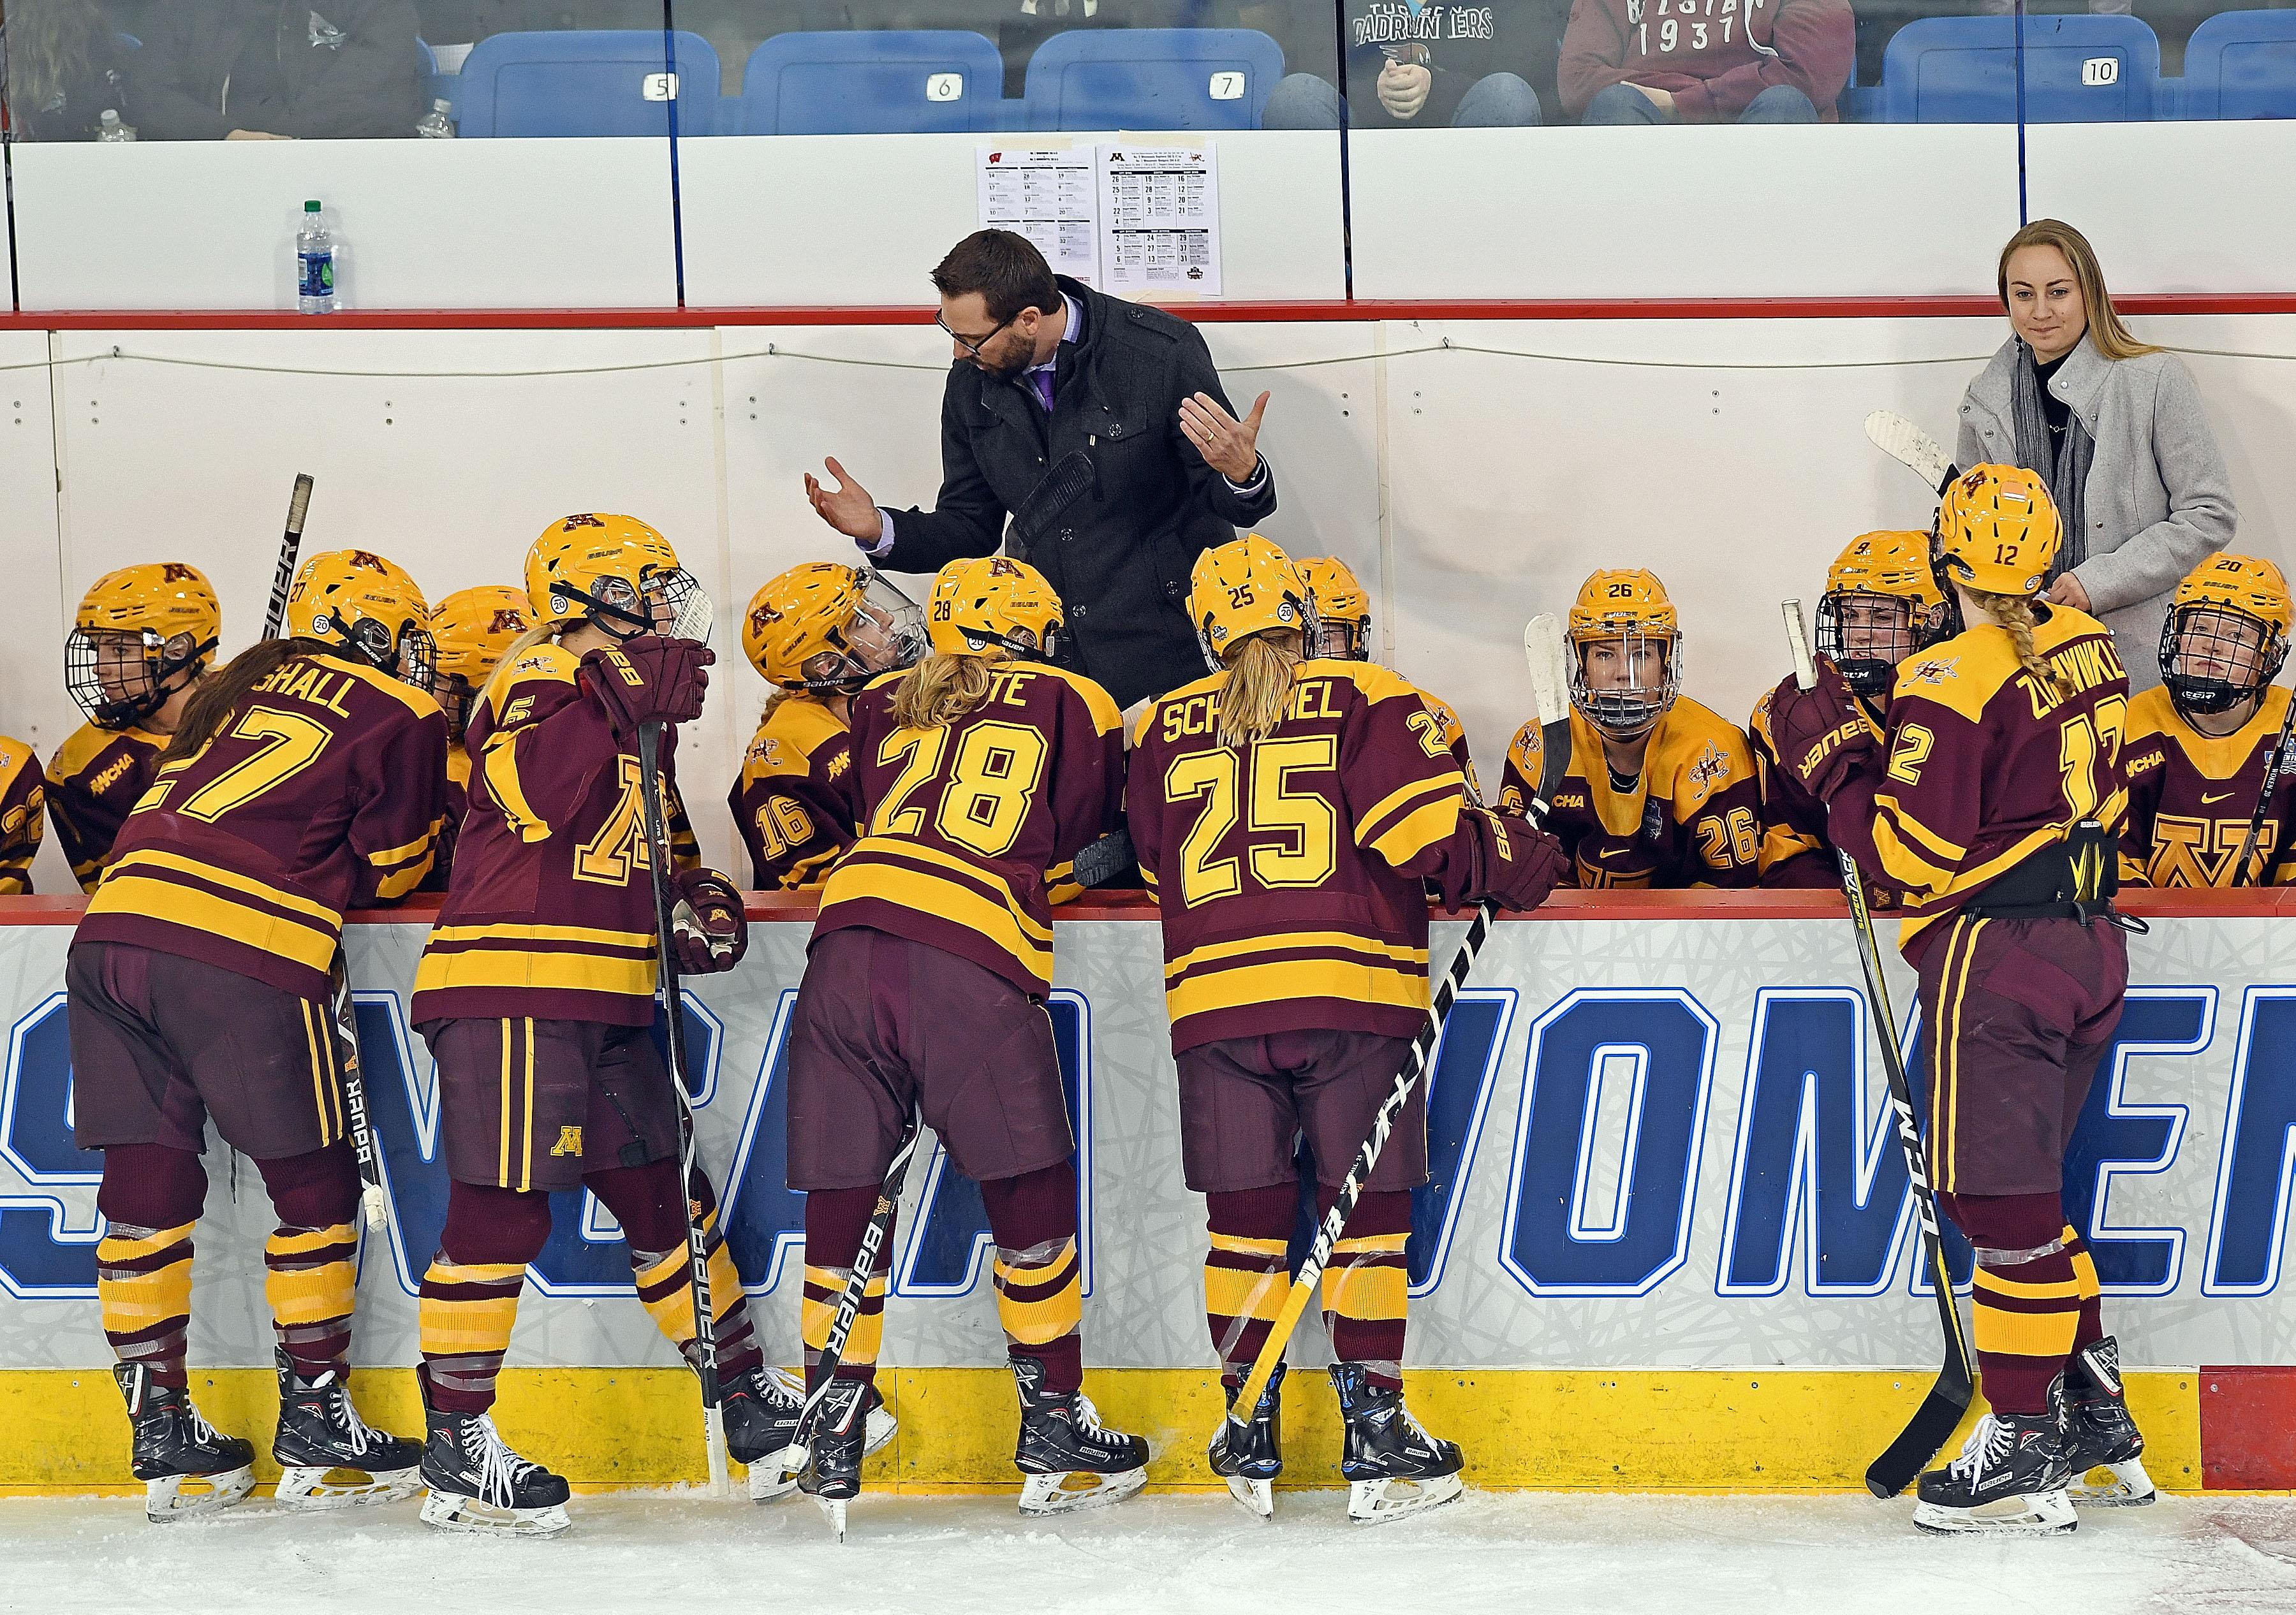 2019 NCAA Division I Women's Ice Hockey Championship